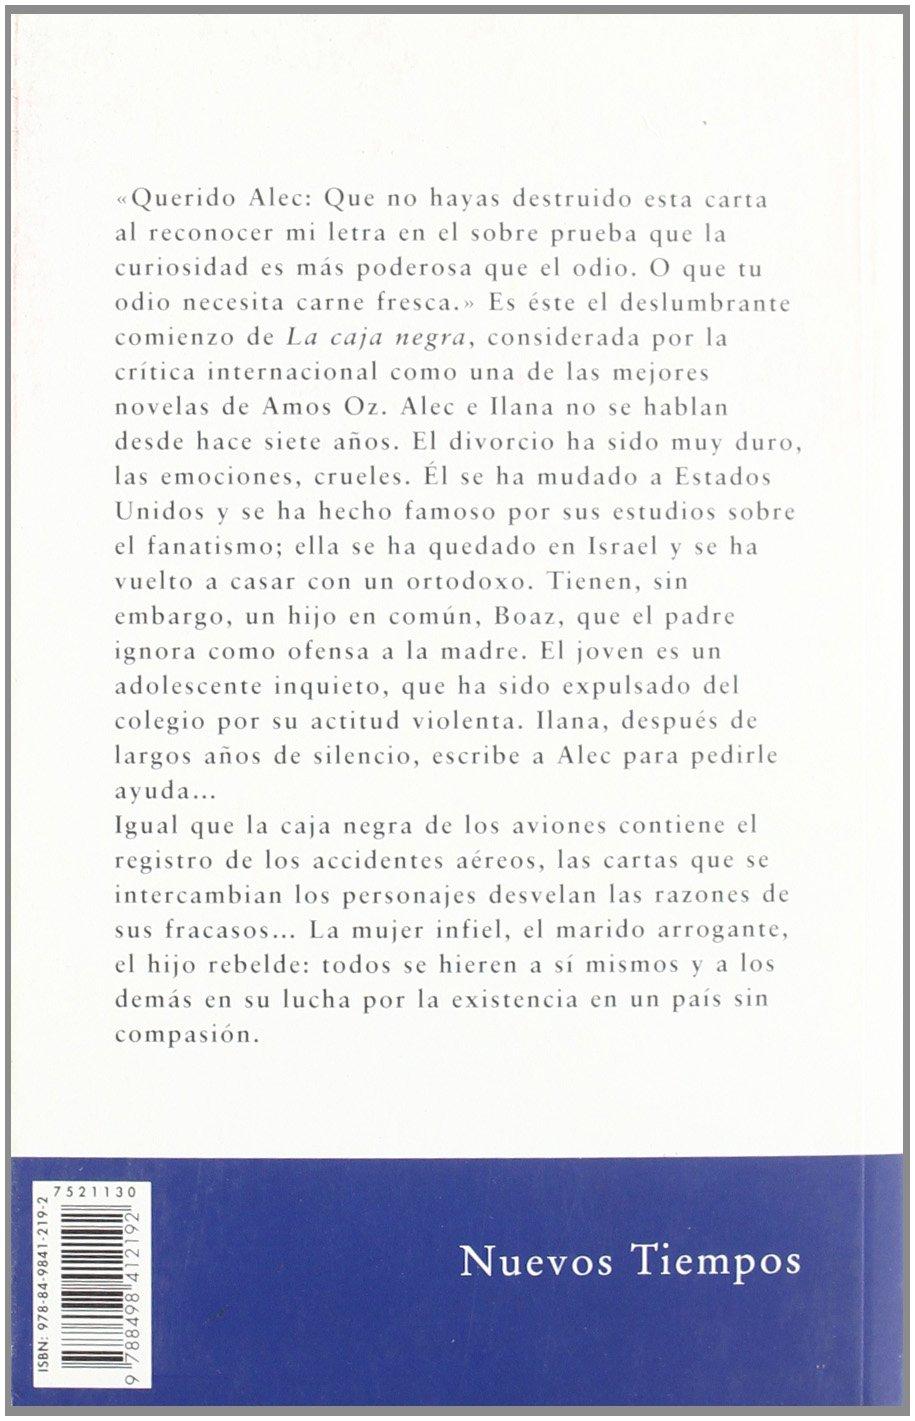 La caja negra (Nuevos Tiempos): Amazon.es: Oz, Amos, Rodríguez, Gracia: Libros